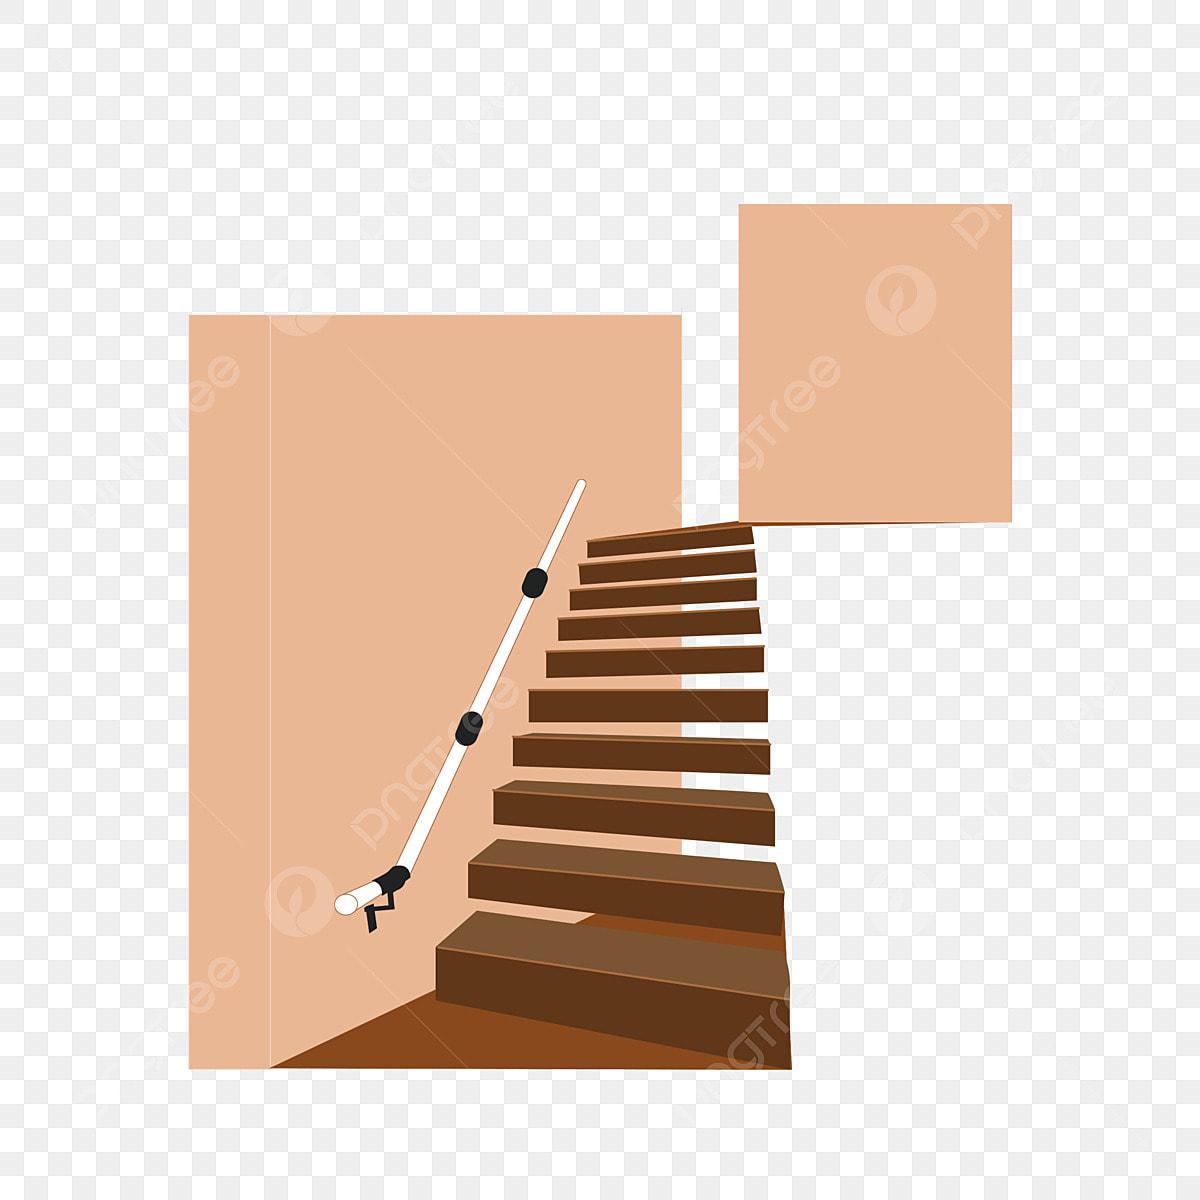 Décoration Marche Escalier Intérieur intérieur escaliers marches illustration, escaliers